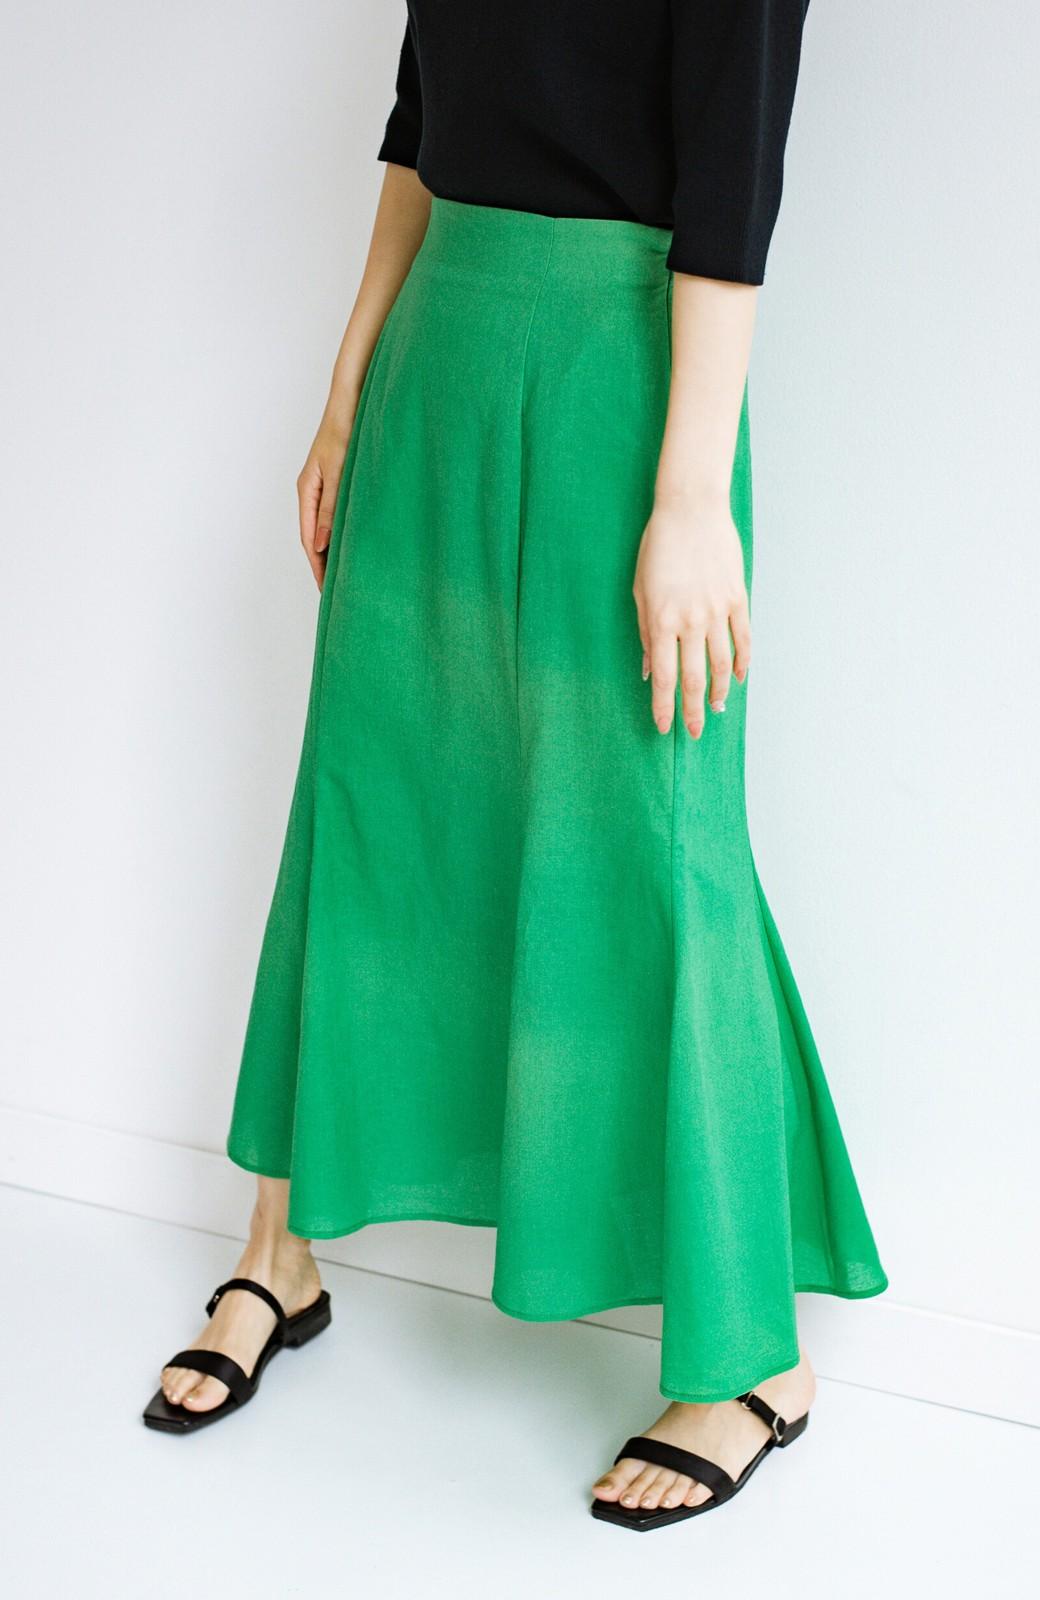 haco! 時間のない朝にもパッと出かけられる!元気が出るきれい色スカートにちょうどいいロゴTシャツを合わせておいた作り置きコーデセット by que made me <その他>の商品写真16